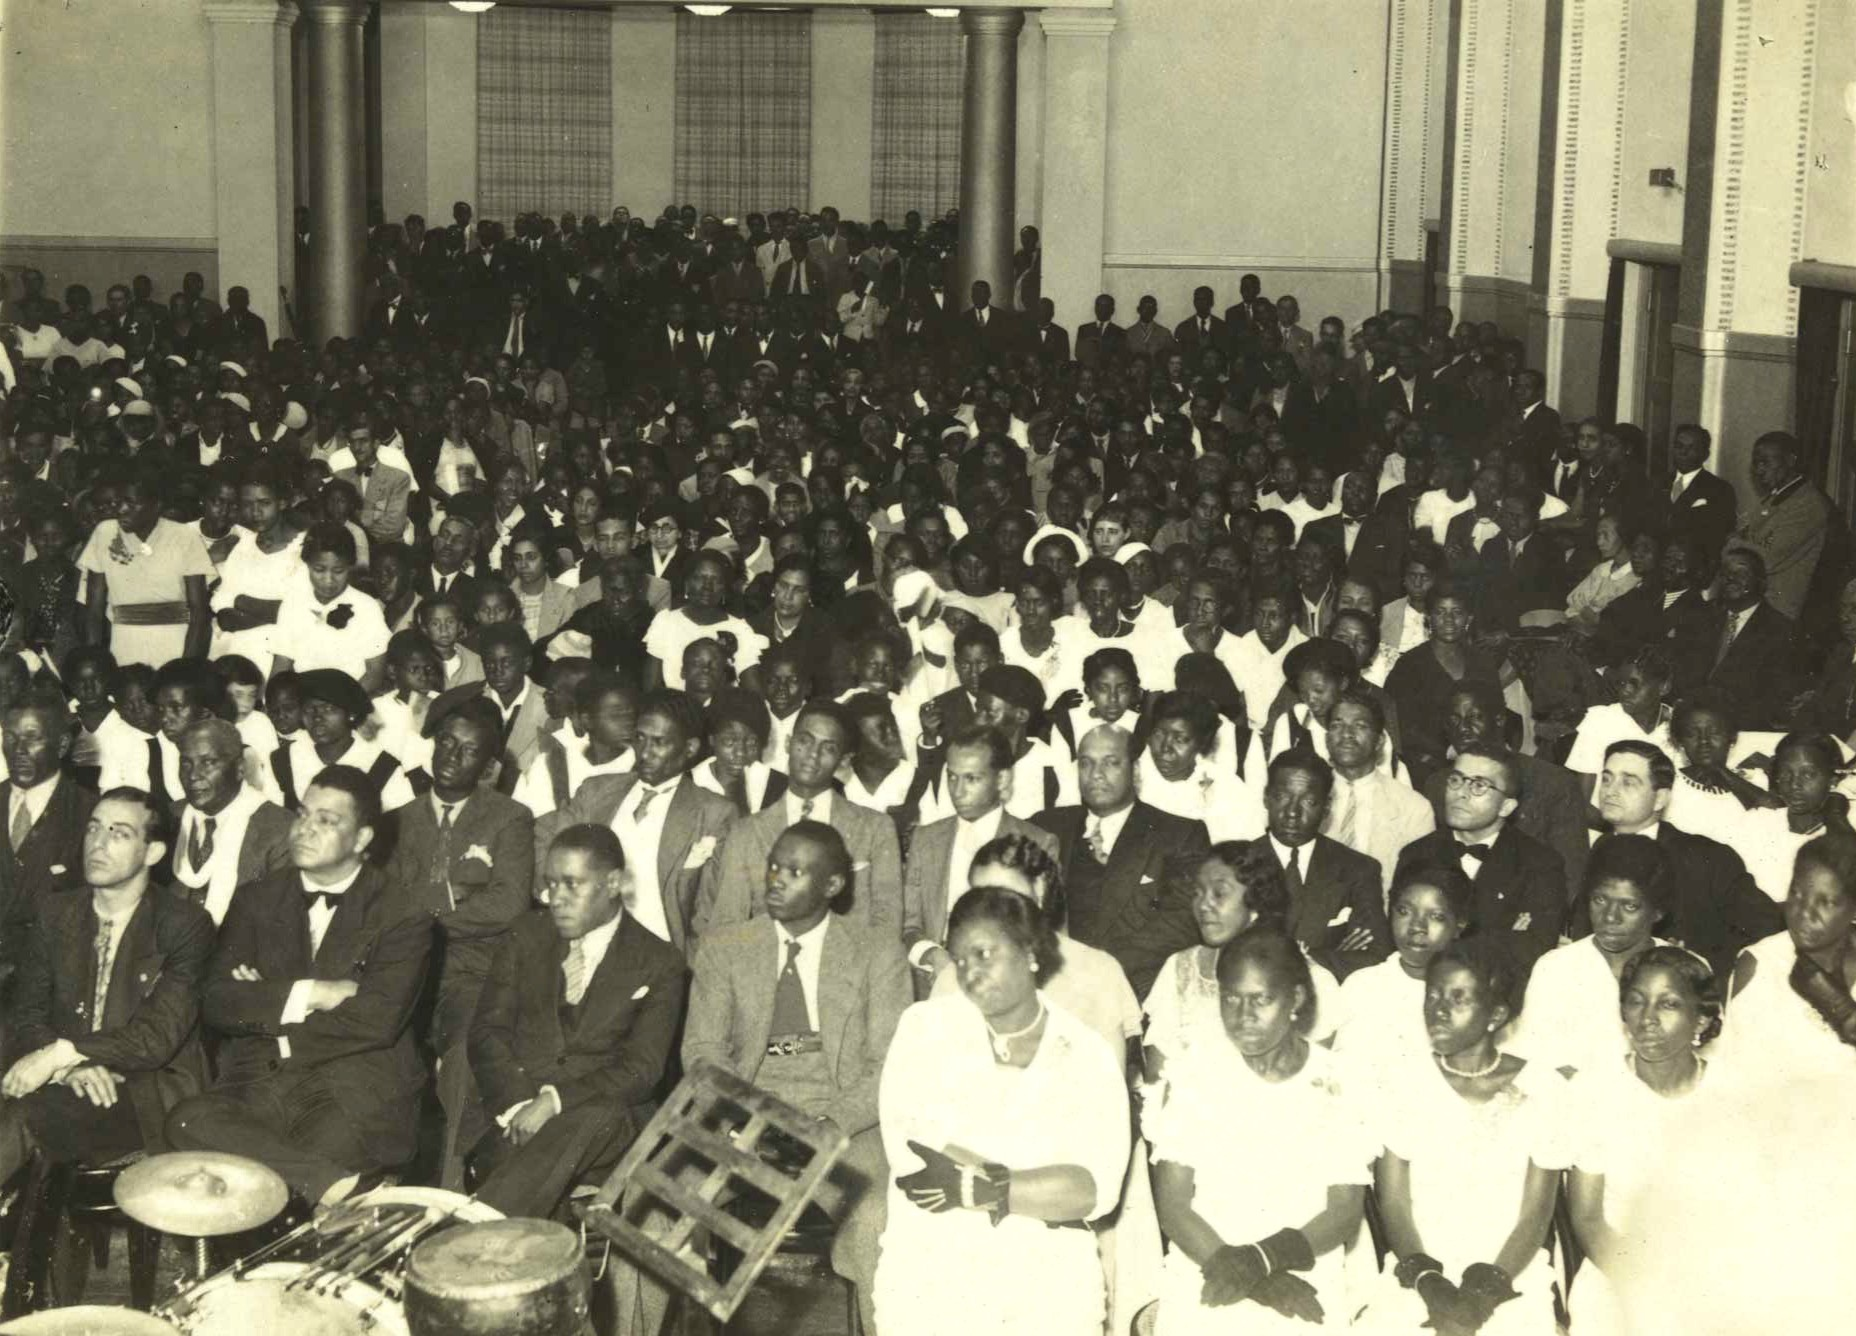 Foto de aniversário da Frente Negra em 1935